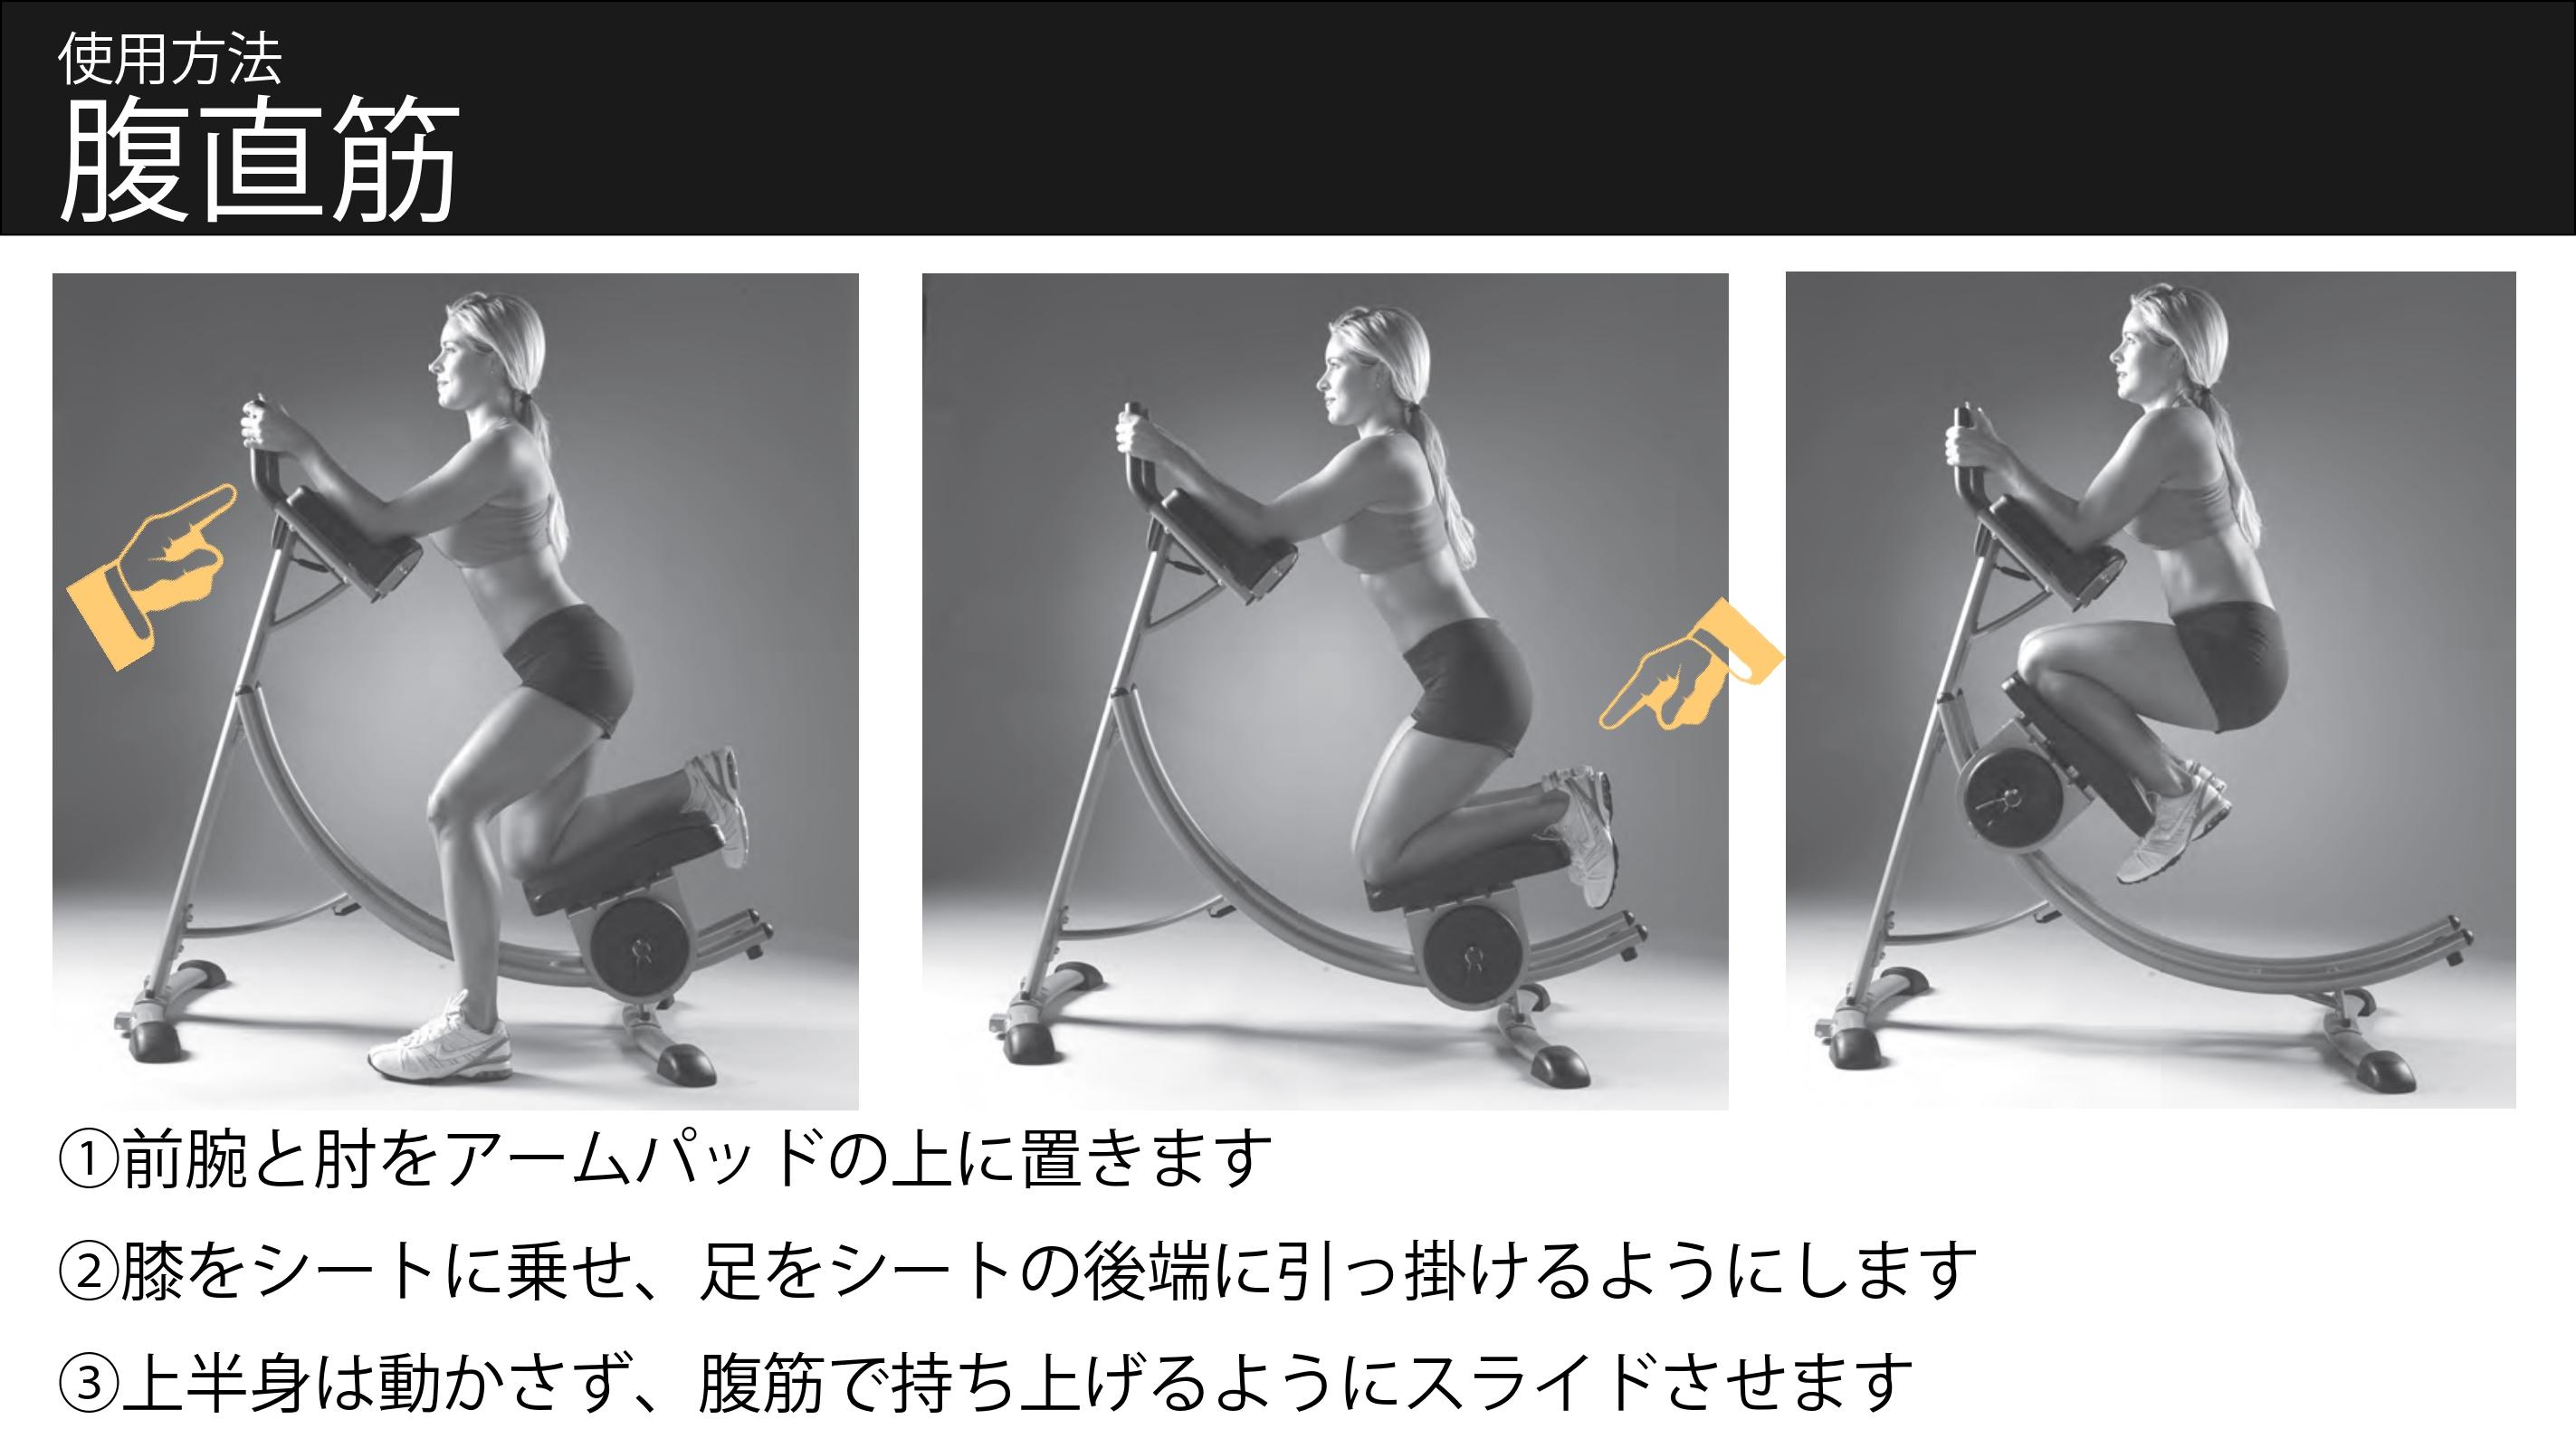 腹筋トレーニングマシン アブコースター 使用方法 腹直筋(abcoaster)